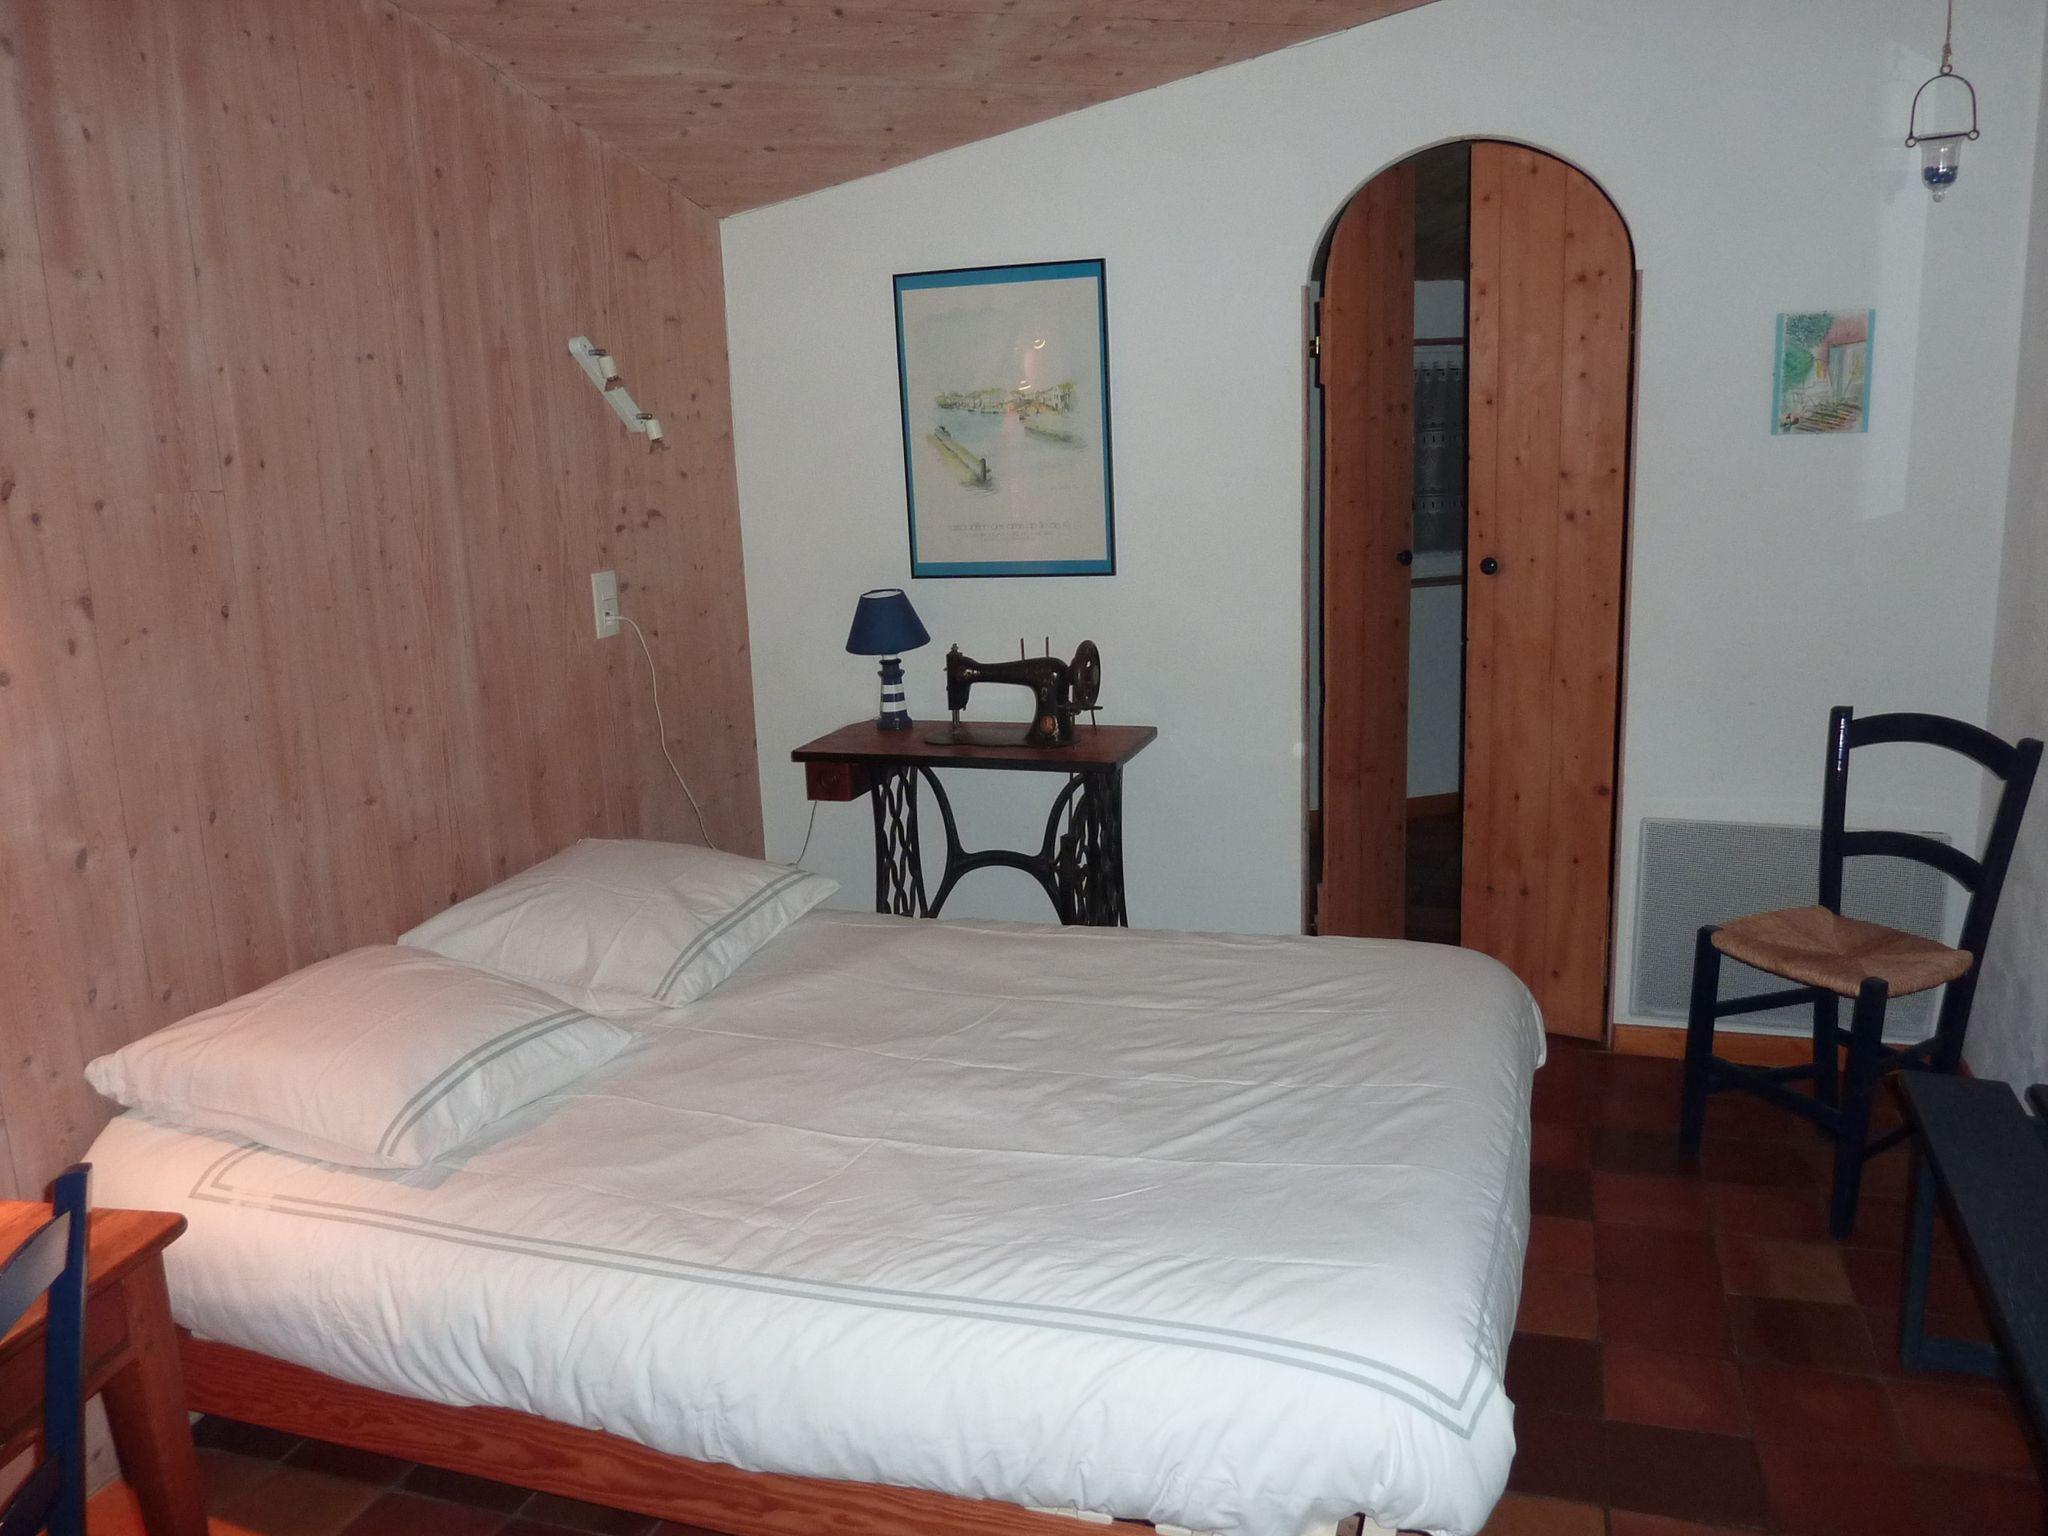 Double-Classique-Salle de bain privée séparée-La Gorgone - Tarif de base